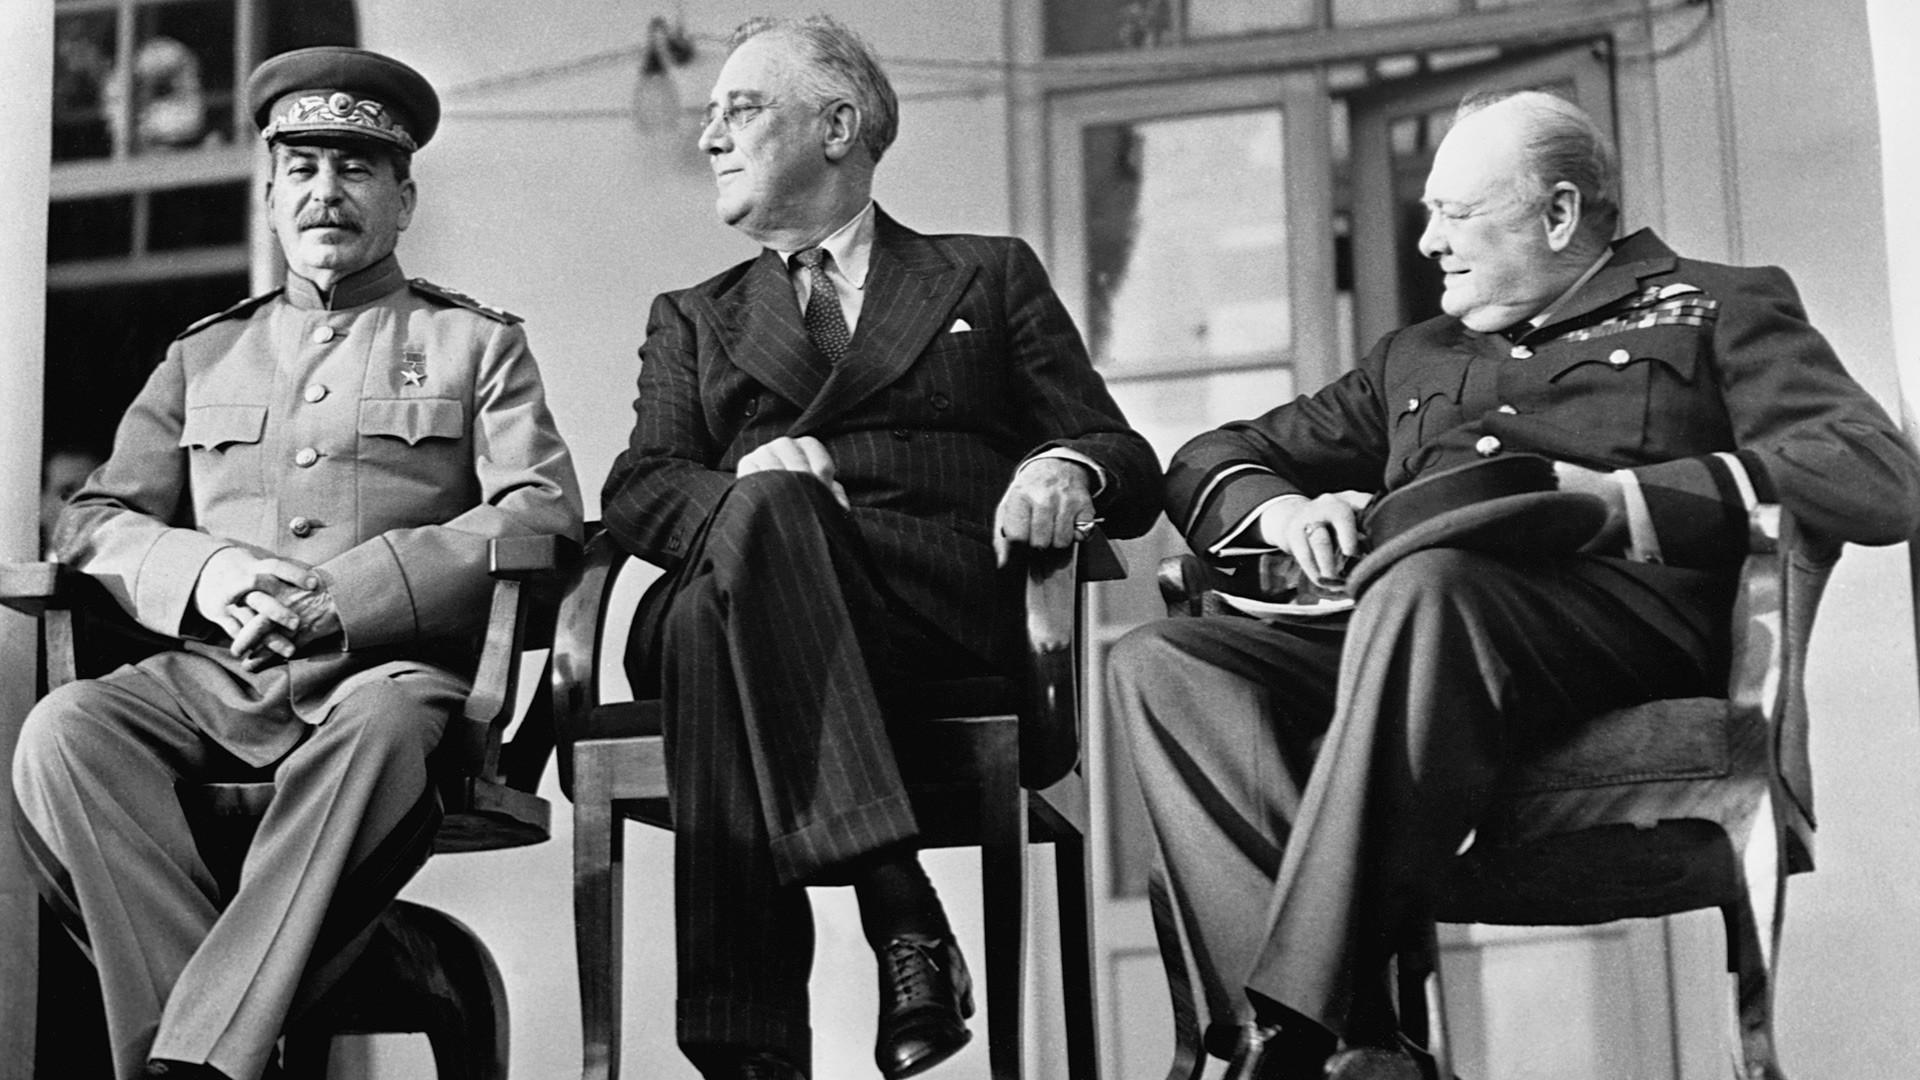 テヘラン会談、ヨシフ・スターリン、フランクリン・ルーズベルト、ウィンストン・チャーチル